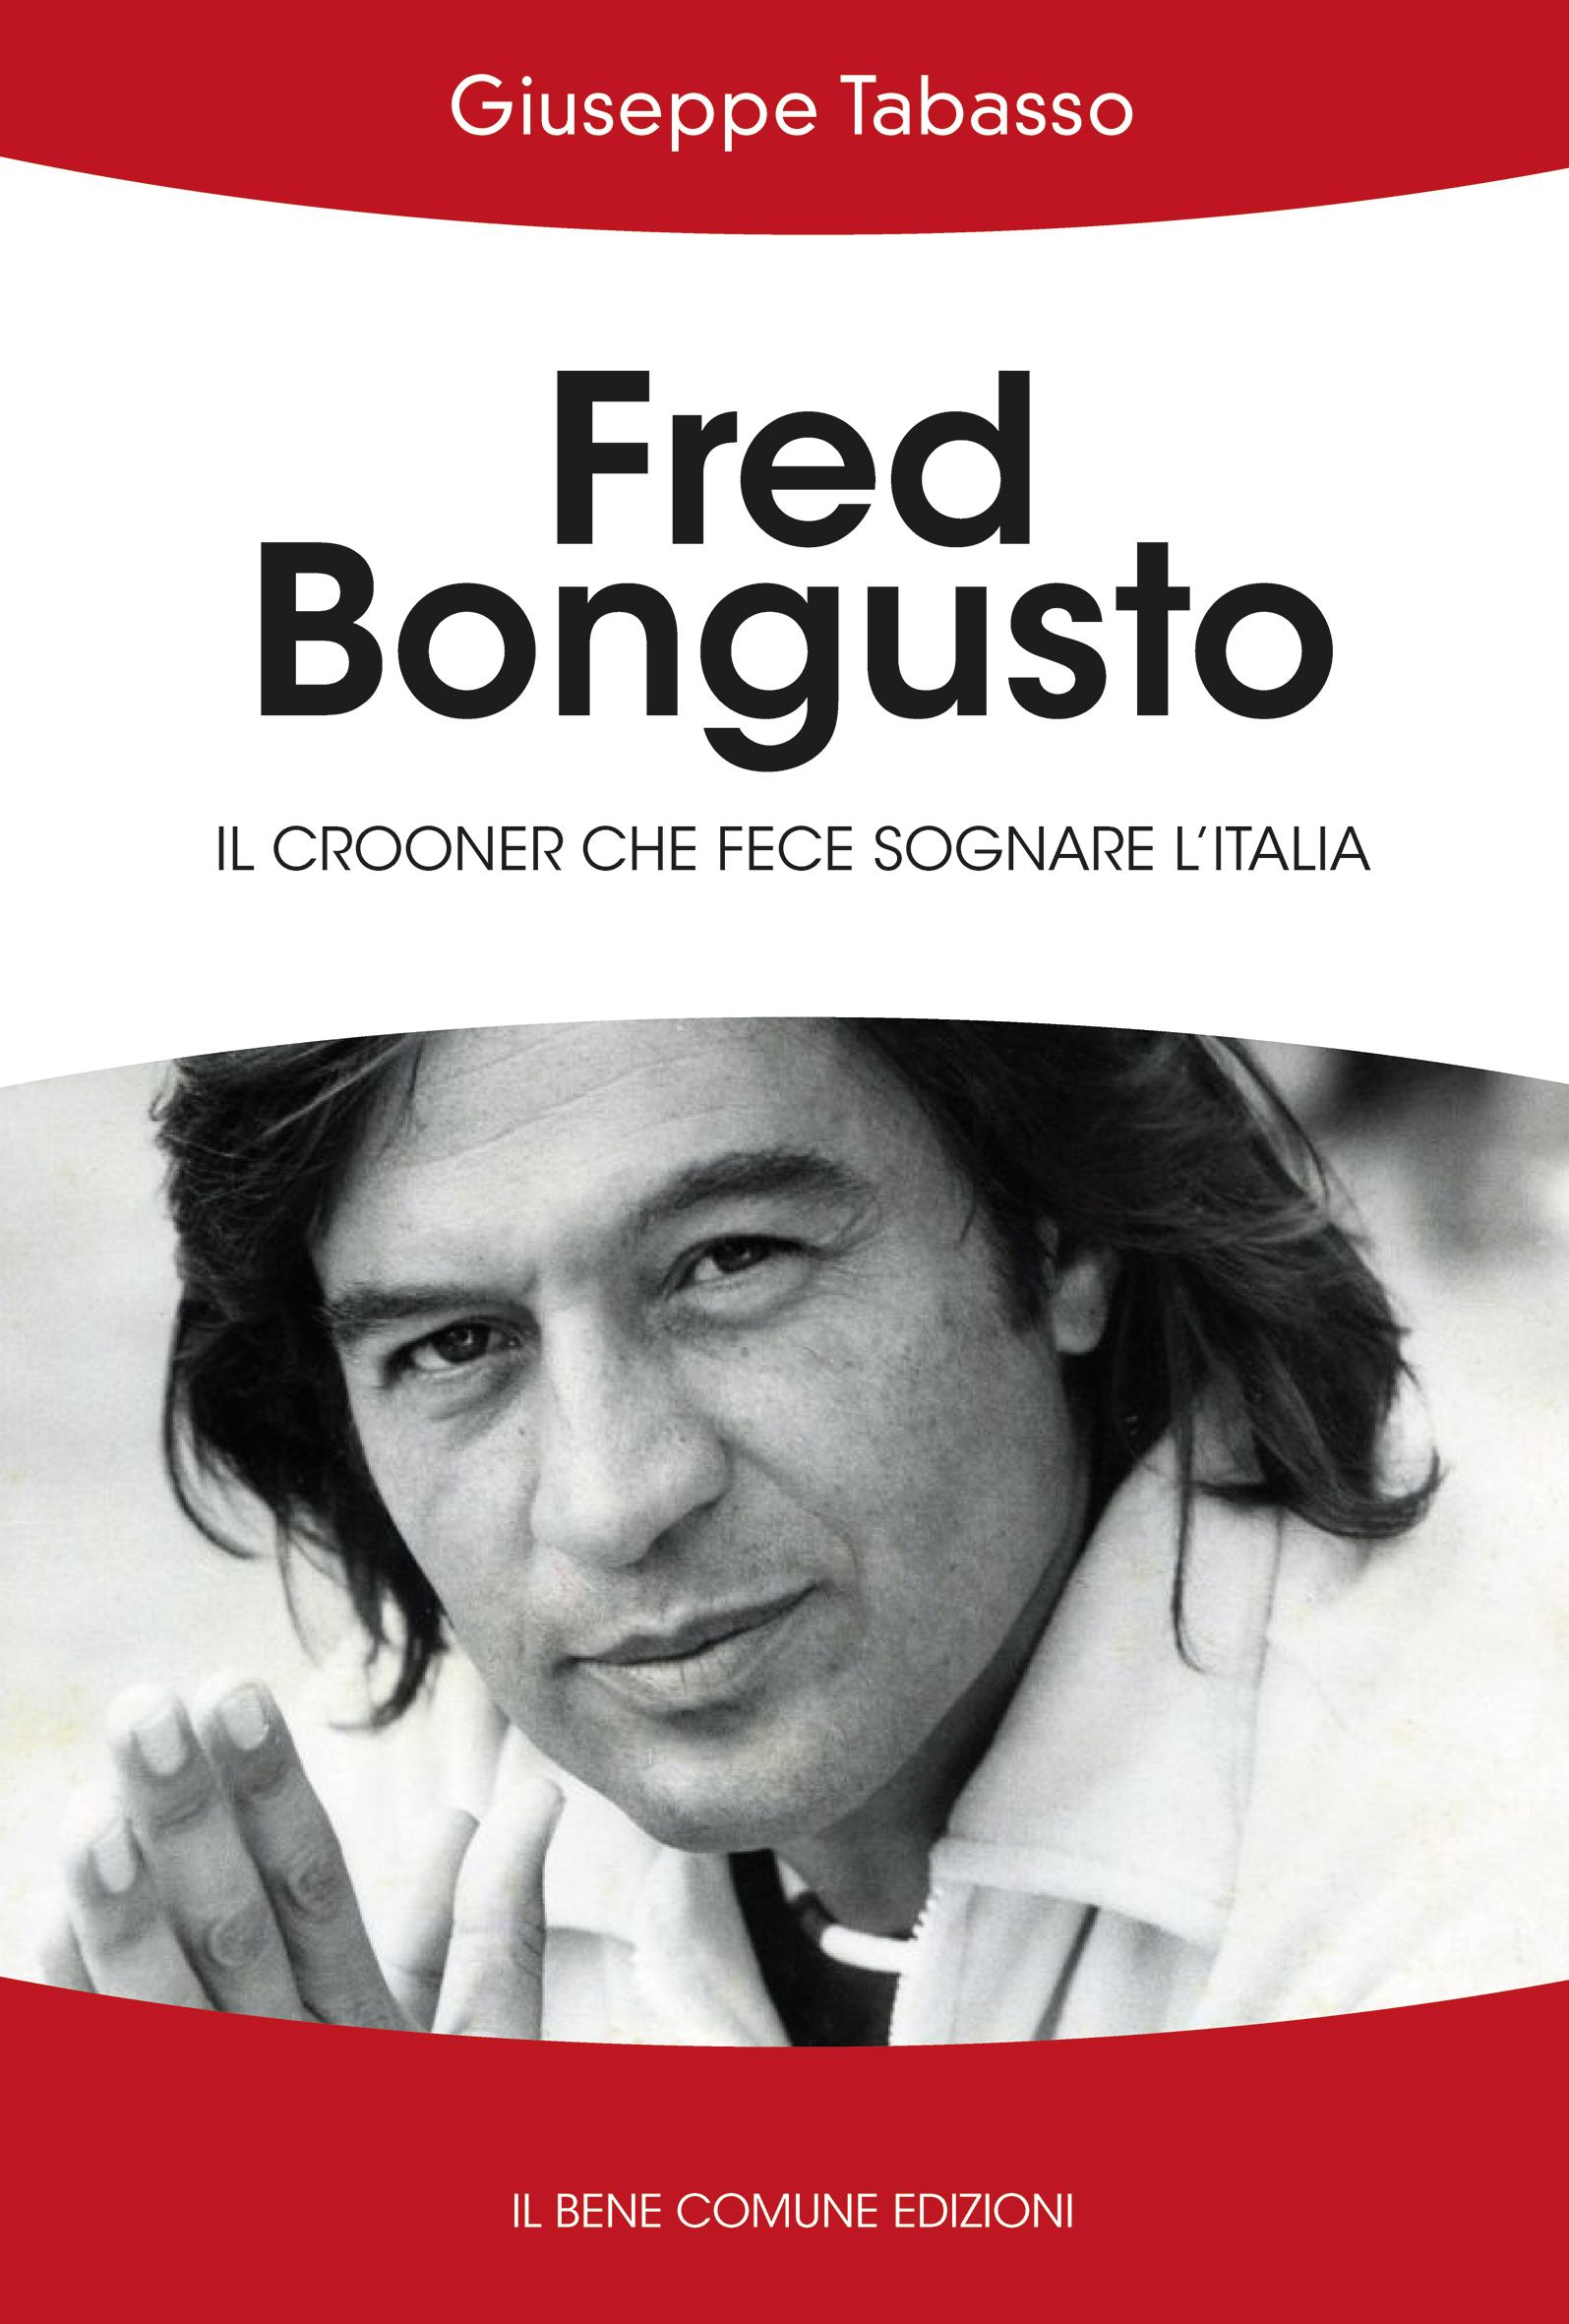 """Libro """"Fred Bongusto- il crooner che fece sognare l'Italia"""